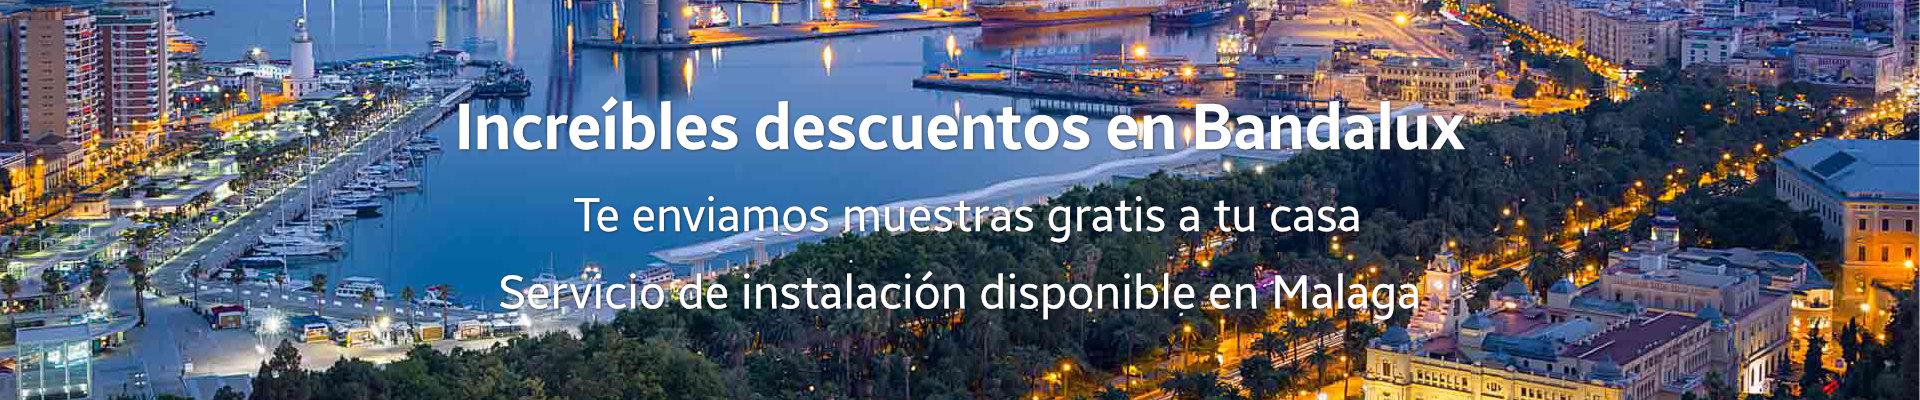 Grandes descuentos en Bandalux para Málaga